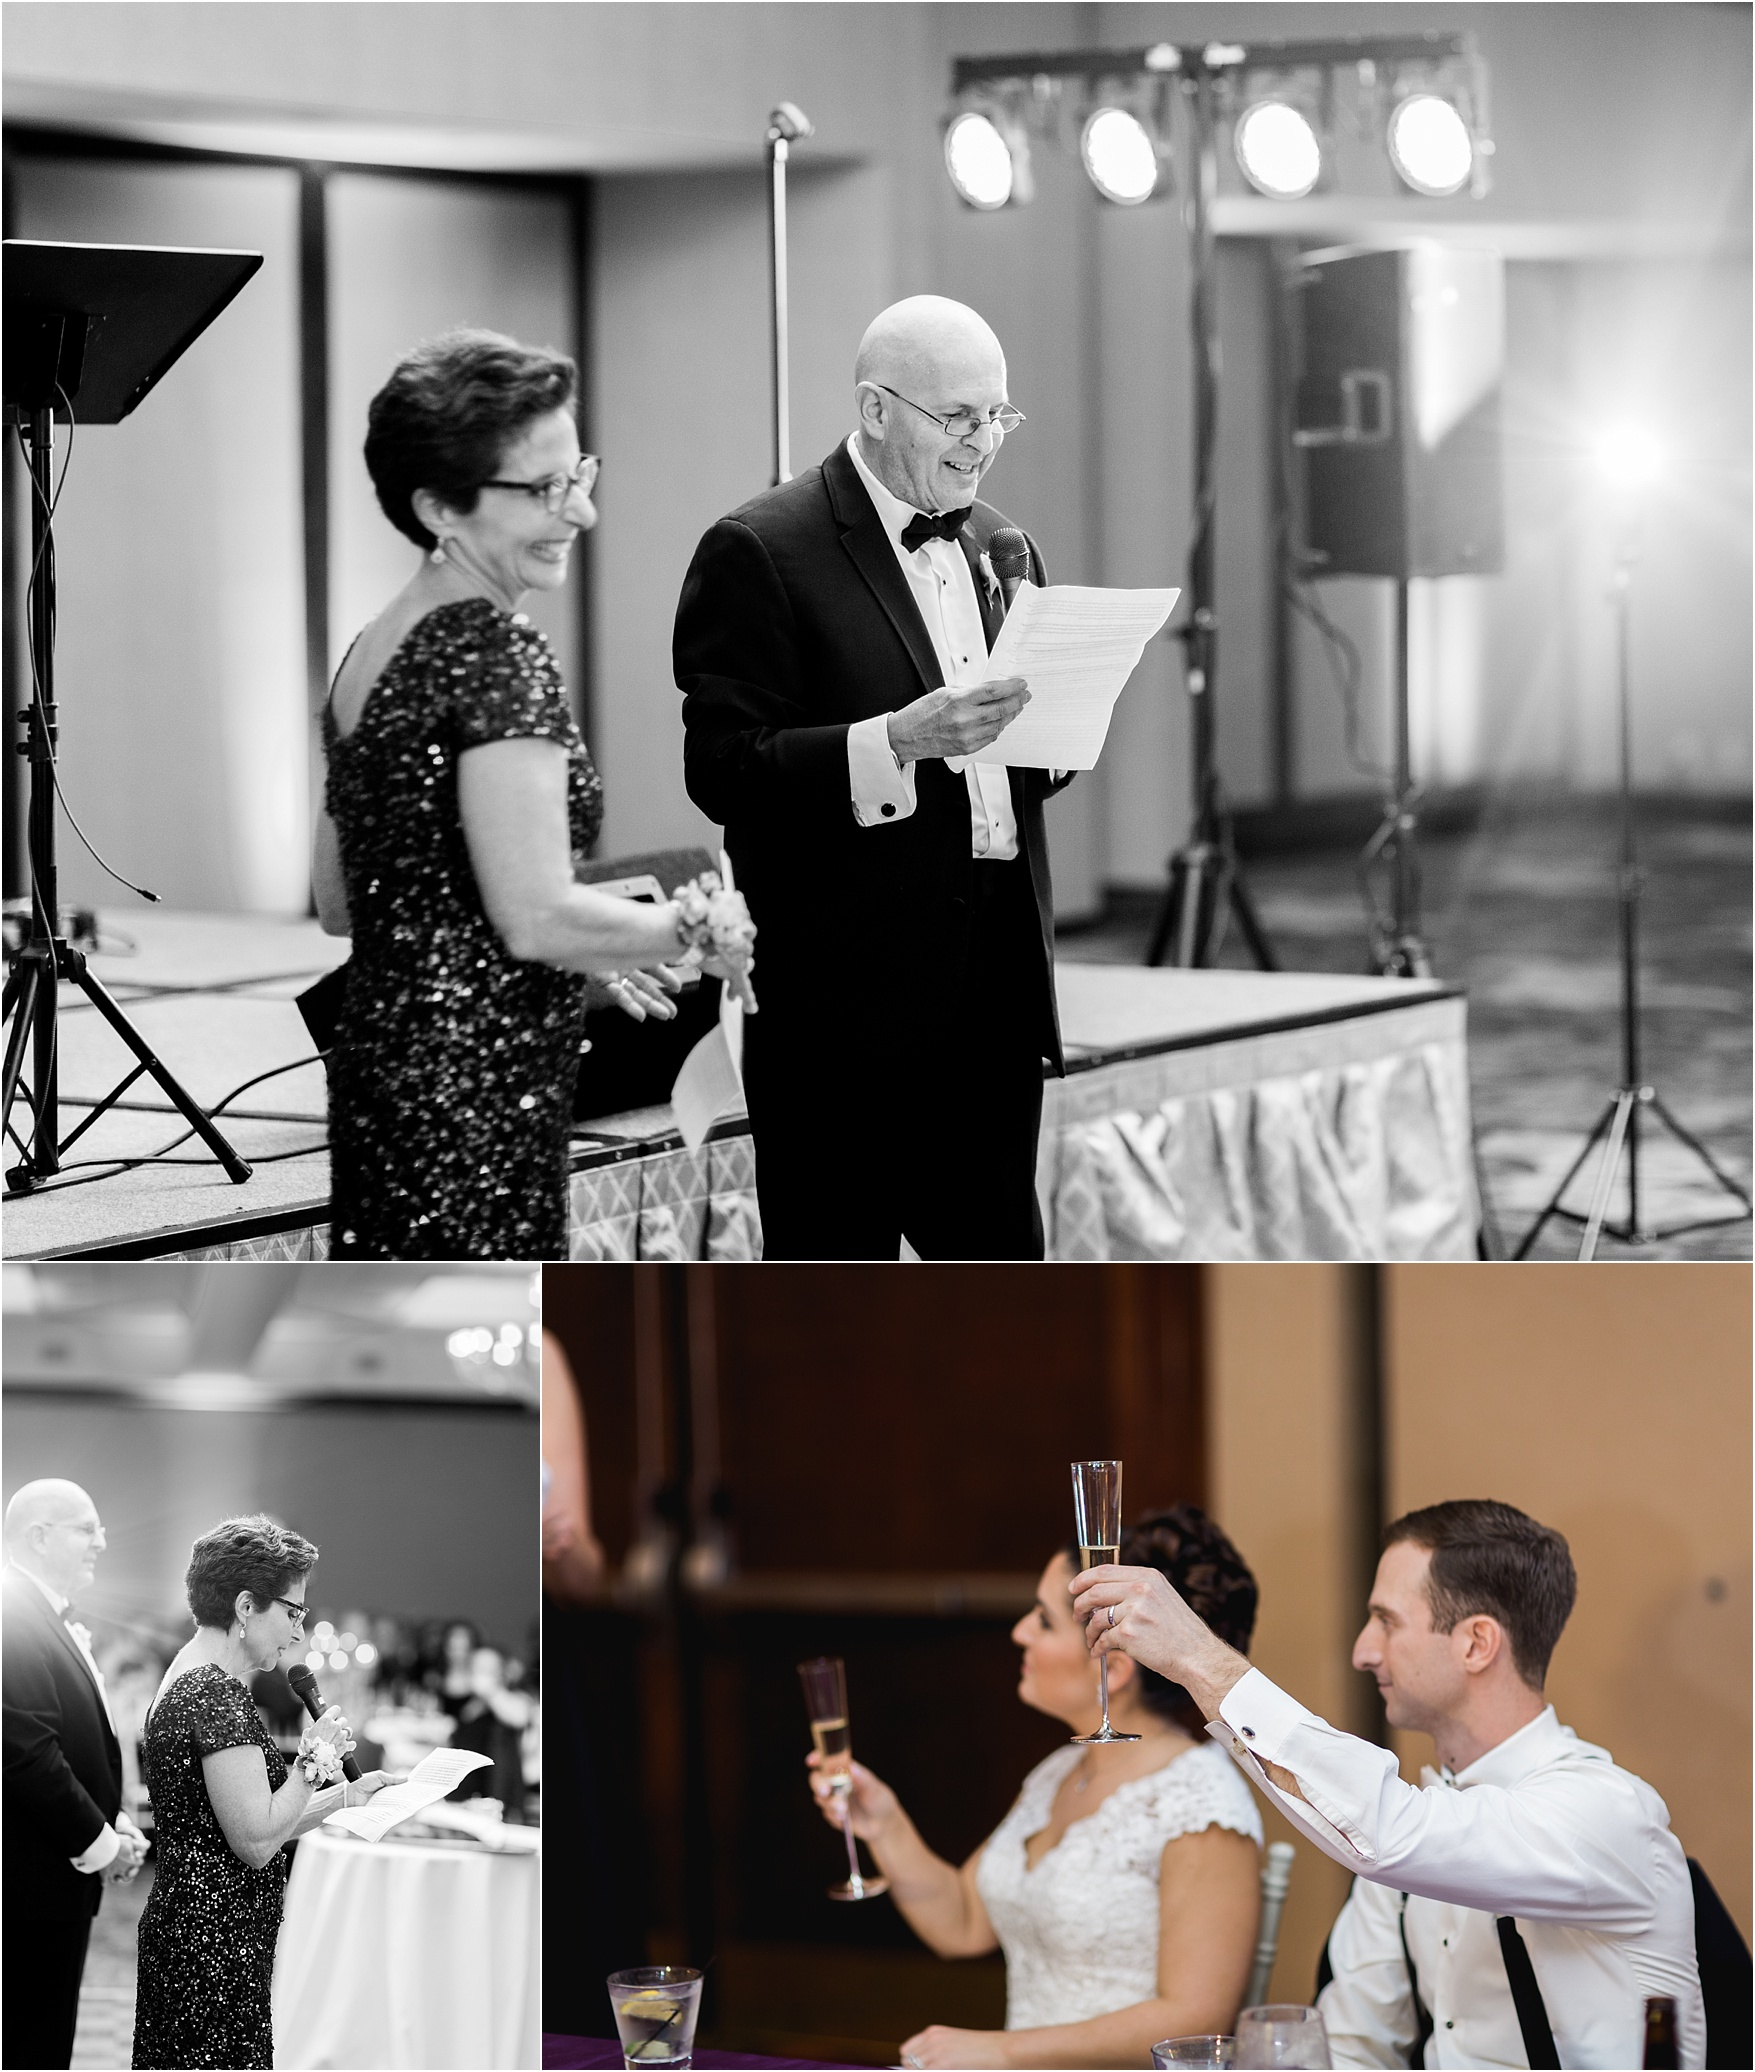 wedding photography st louis_lauren muckler photography_film photographer_film wedding_0077.jpg